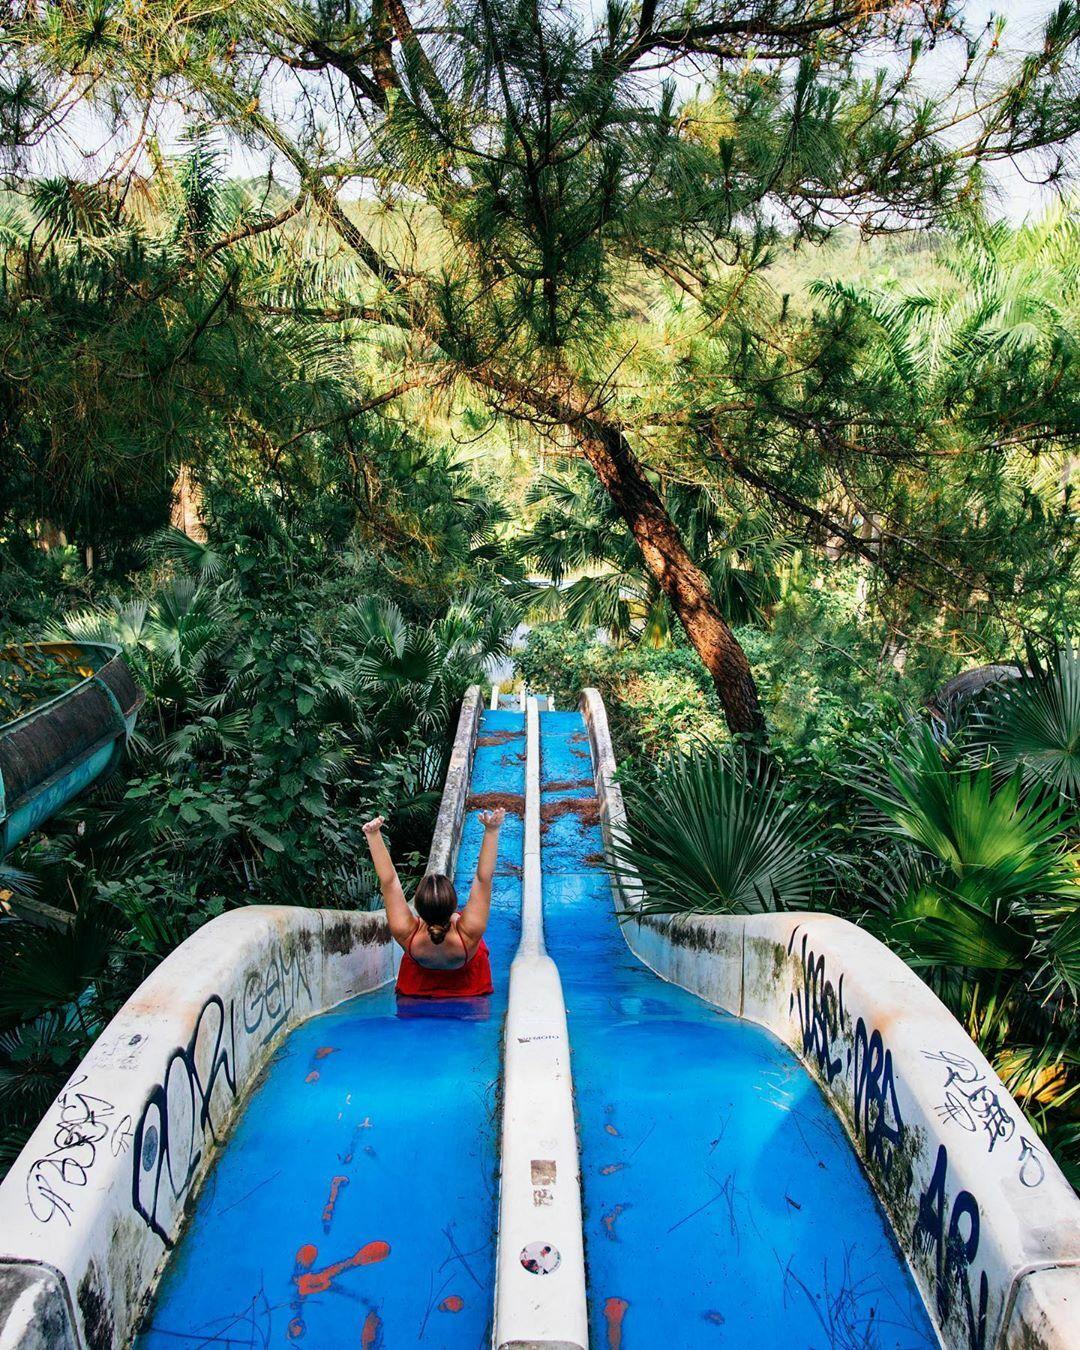 Arijana Tkalčec - blogger du lịch Croatia- thích thú khi trải nghiệmcầu trượt nước. Trên trang cá nhân, cô cho biết sau khi xem tất cả bức ảnh và nghe những câu chuyện về công viên nước bỏ hoang ở Huế, côtự nhủ nhất định phải ghé đây nếu đến Việt Nam... Đây là nơi đáng kinh ngạc và tôi buồn khi thấy nó bị bỏ rơi.... Arijana nói công viêncó chút đáng sợ, đường dẫn đến các đường trượt hoàn toàn nằm trong bụi rậm, mọi thứ đềuyên tĩnh và bao quanh làmàu xanh. Nó thật đẹp nhưng kỳ lạ... Rất nhiều người dân địa phương tập thể dục quanh hồ vào buổi sáng, vì vậy đừng lo lắng, cô viết. Ảnh:Instagram Shipped Away.